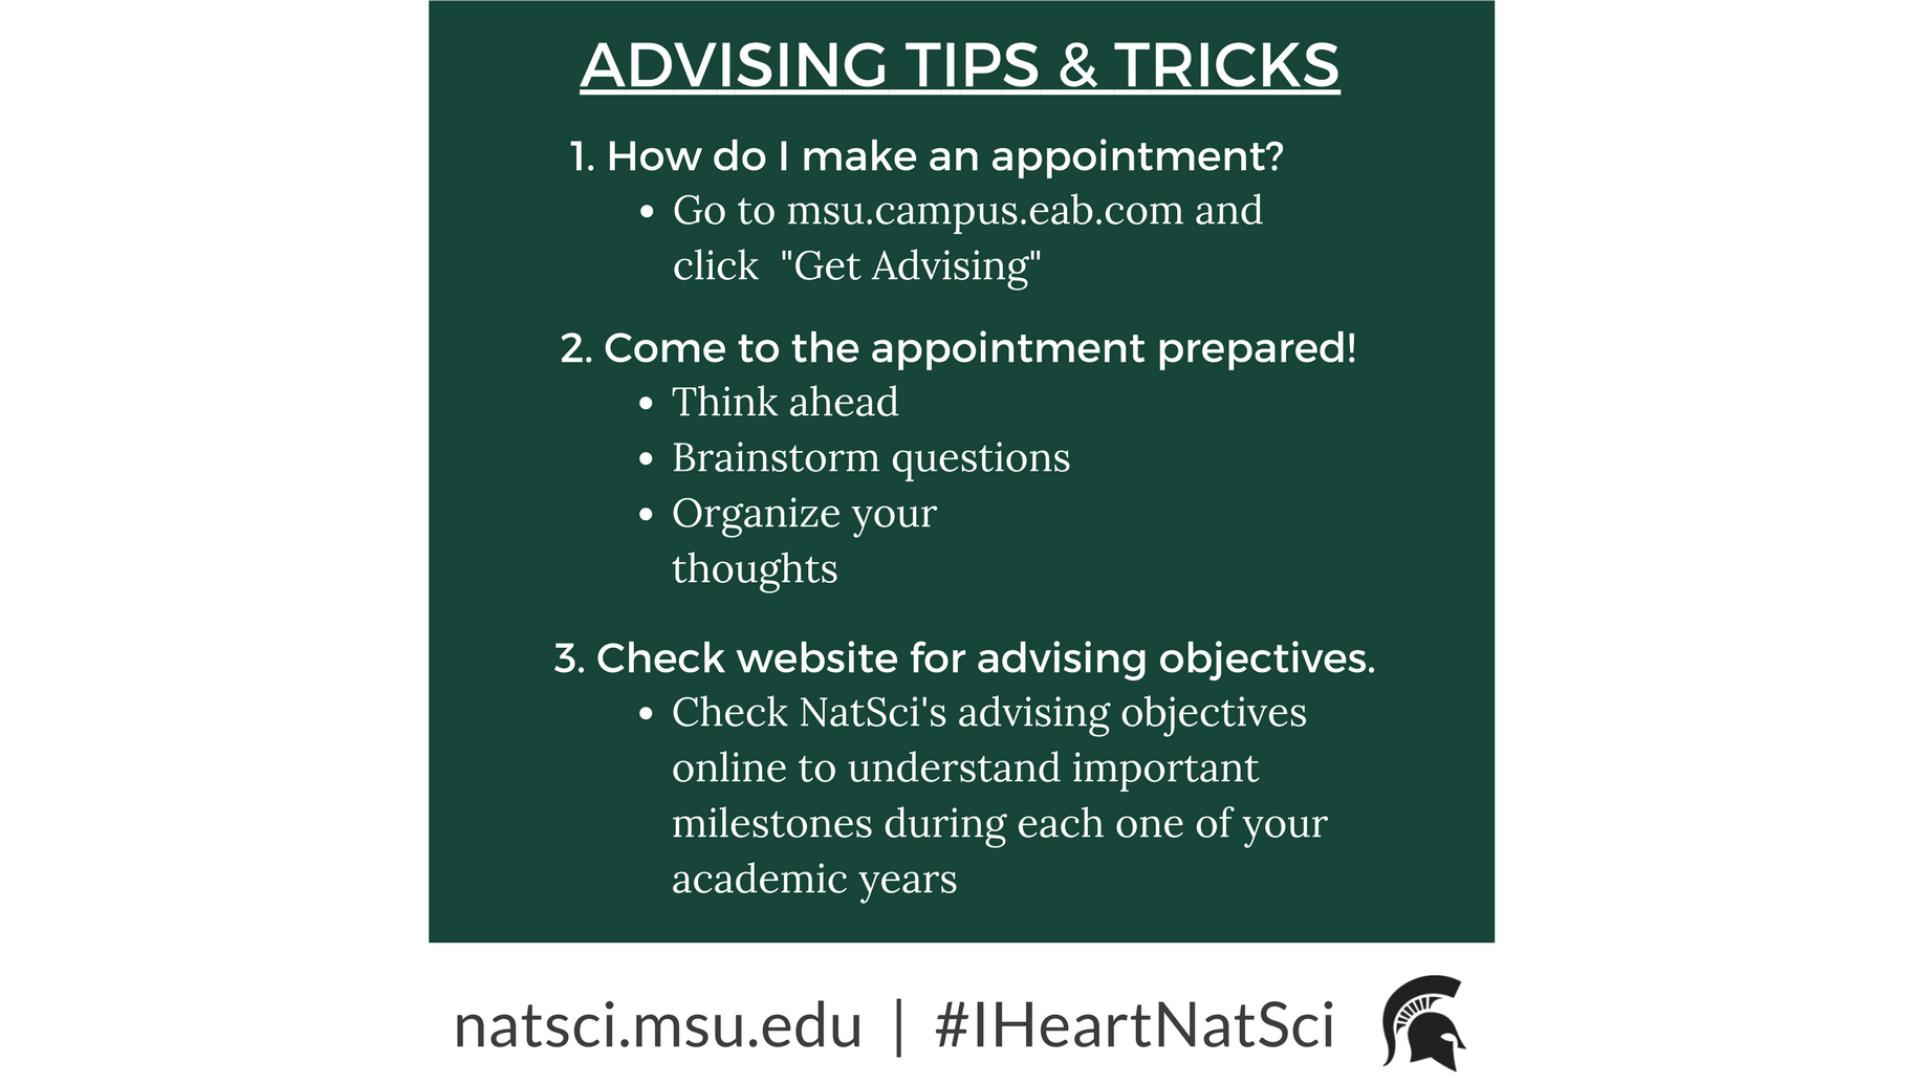 Third slide advising tips